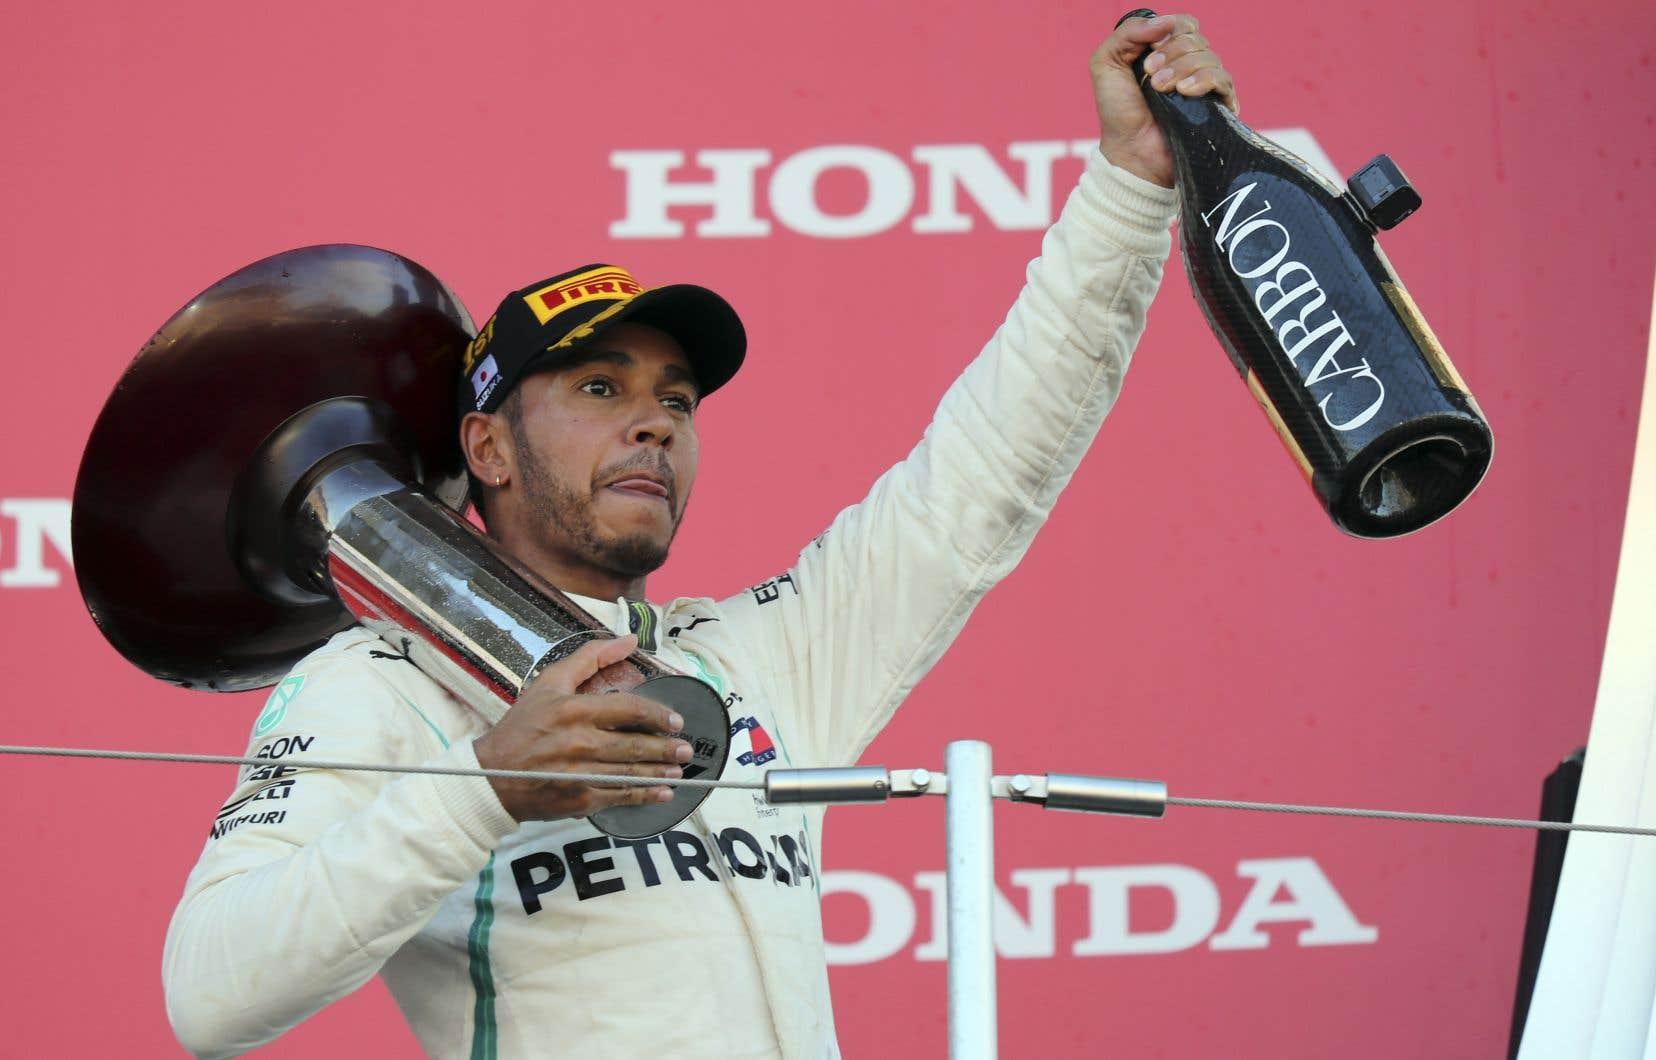 Le pilote britannique Lewis Hamilton après sa victoire, dimanche